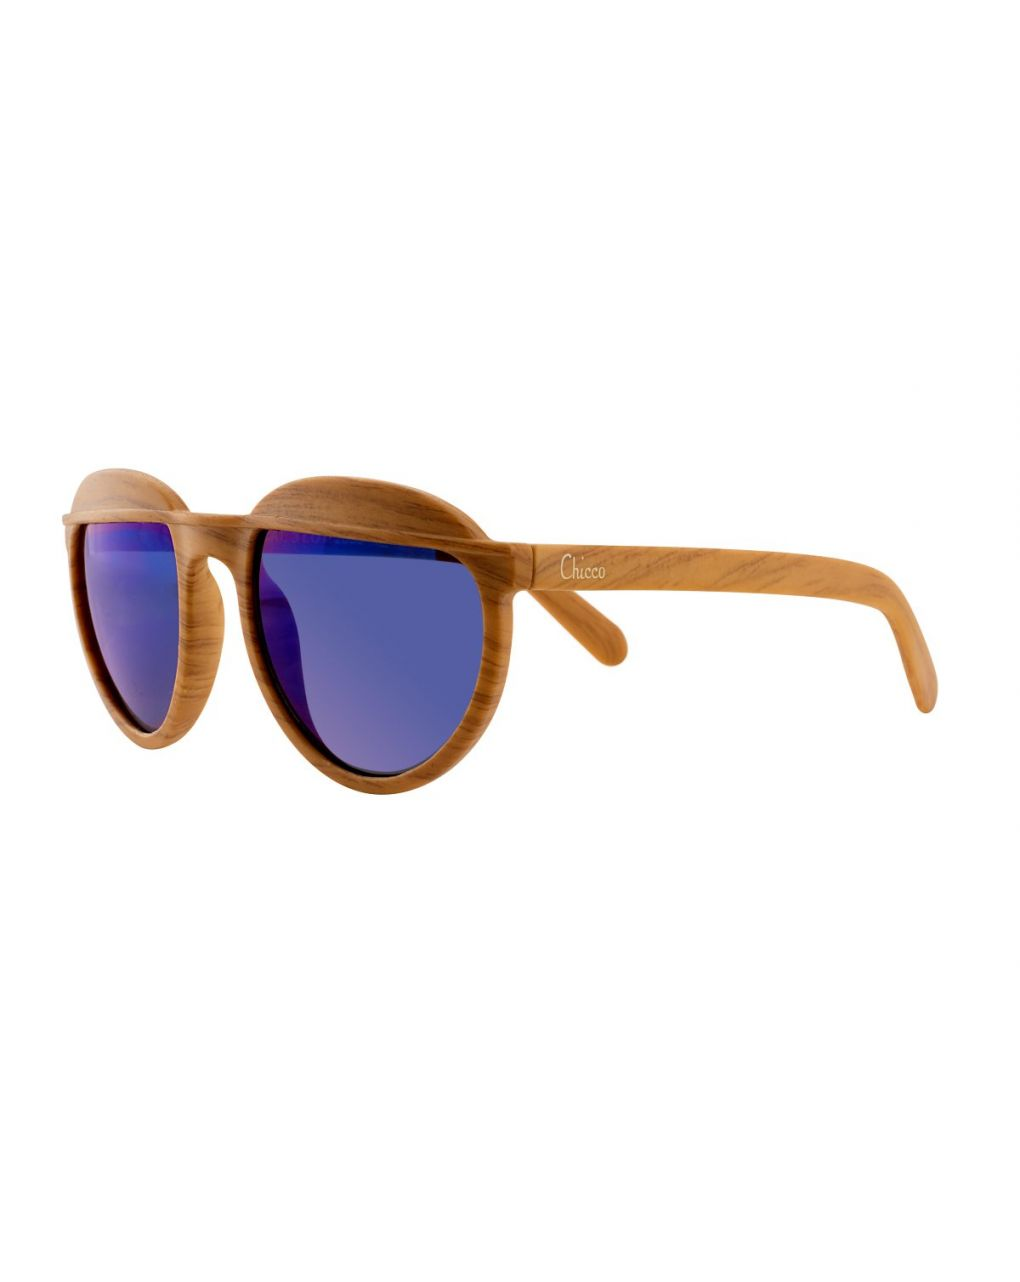 Chicco occhiali da sole 5 anni bimbo - Chicco